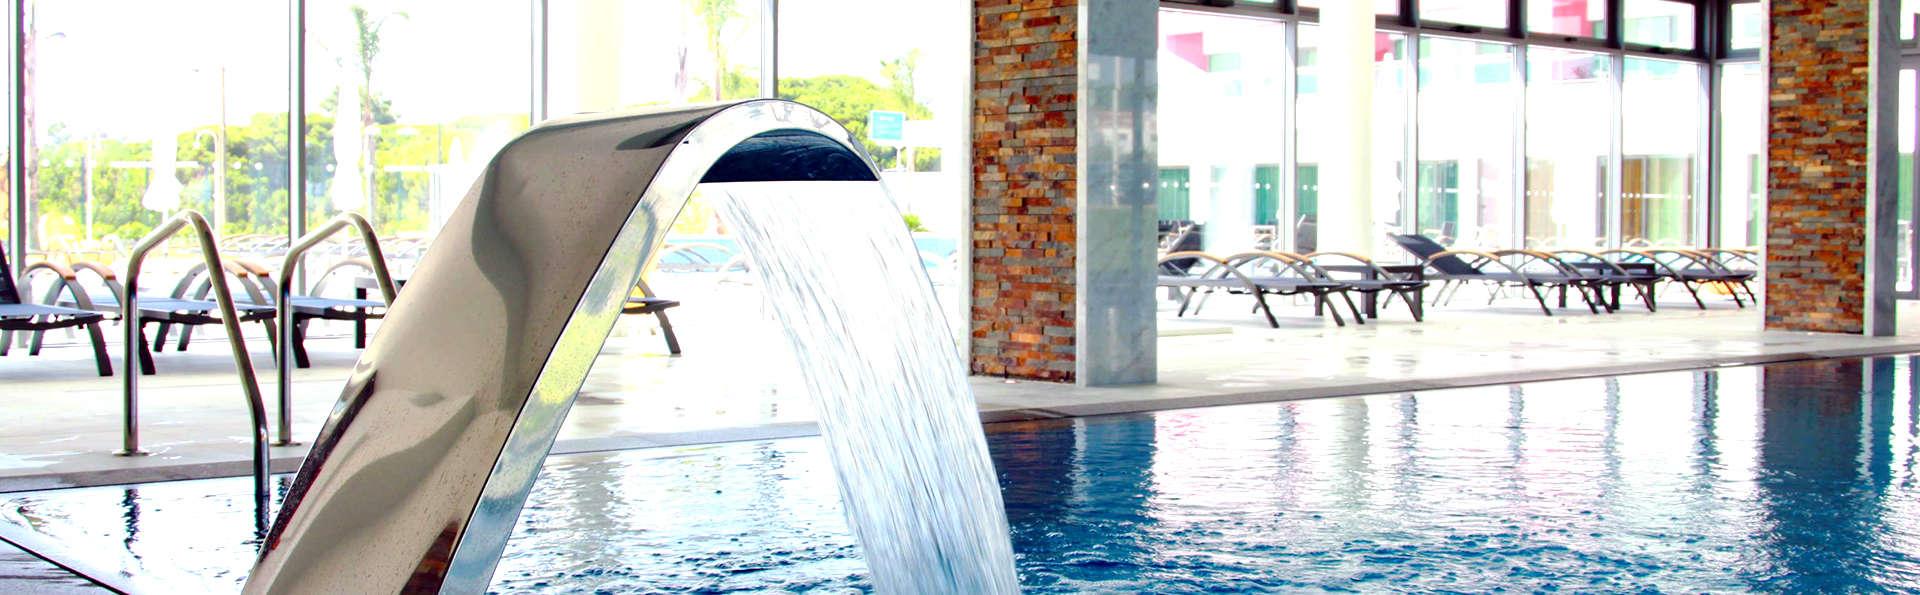 Escapada Romántica con acceso al Spa y al Parque Acuático en Quarteira